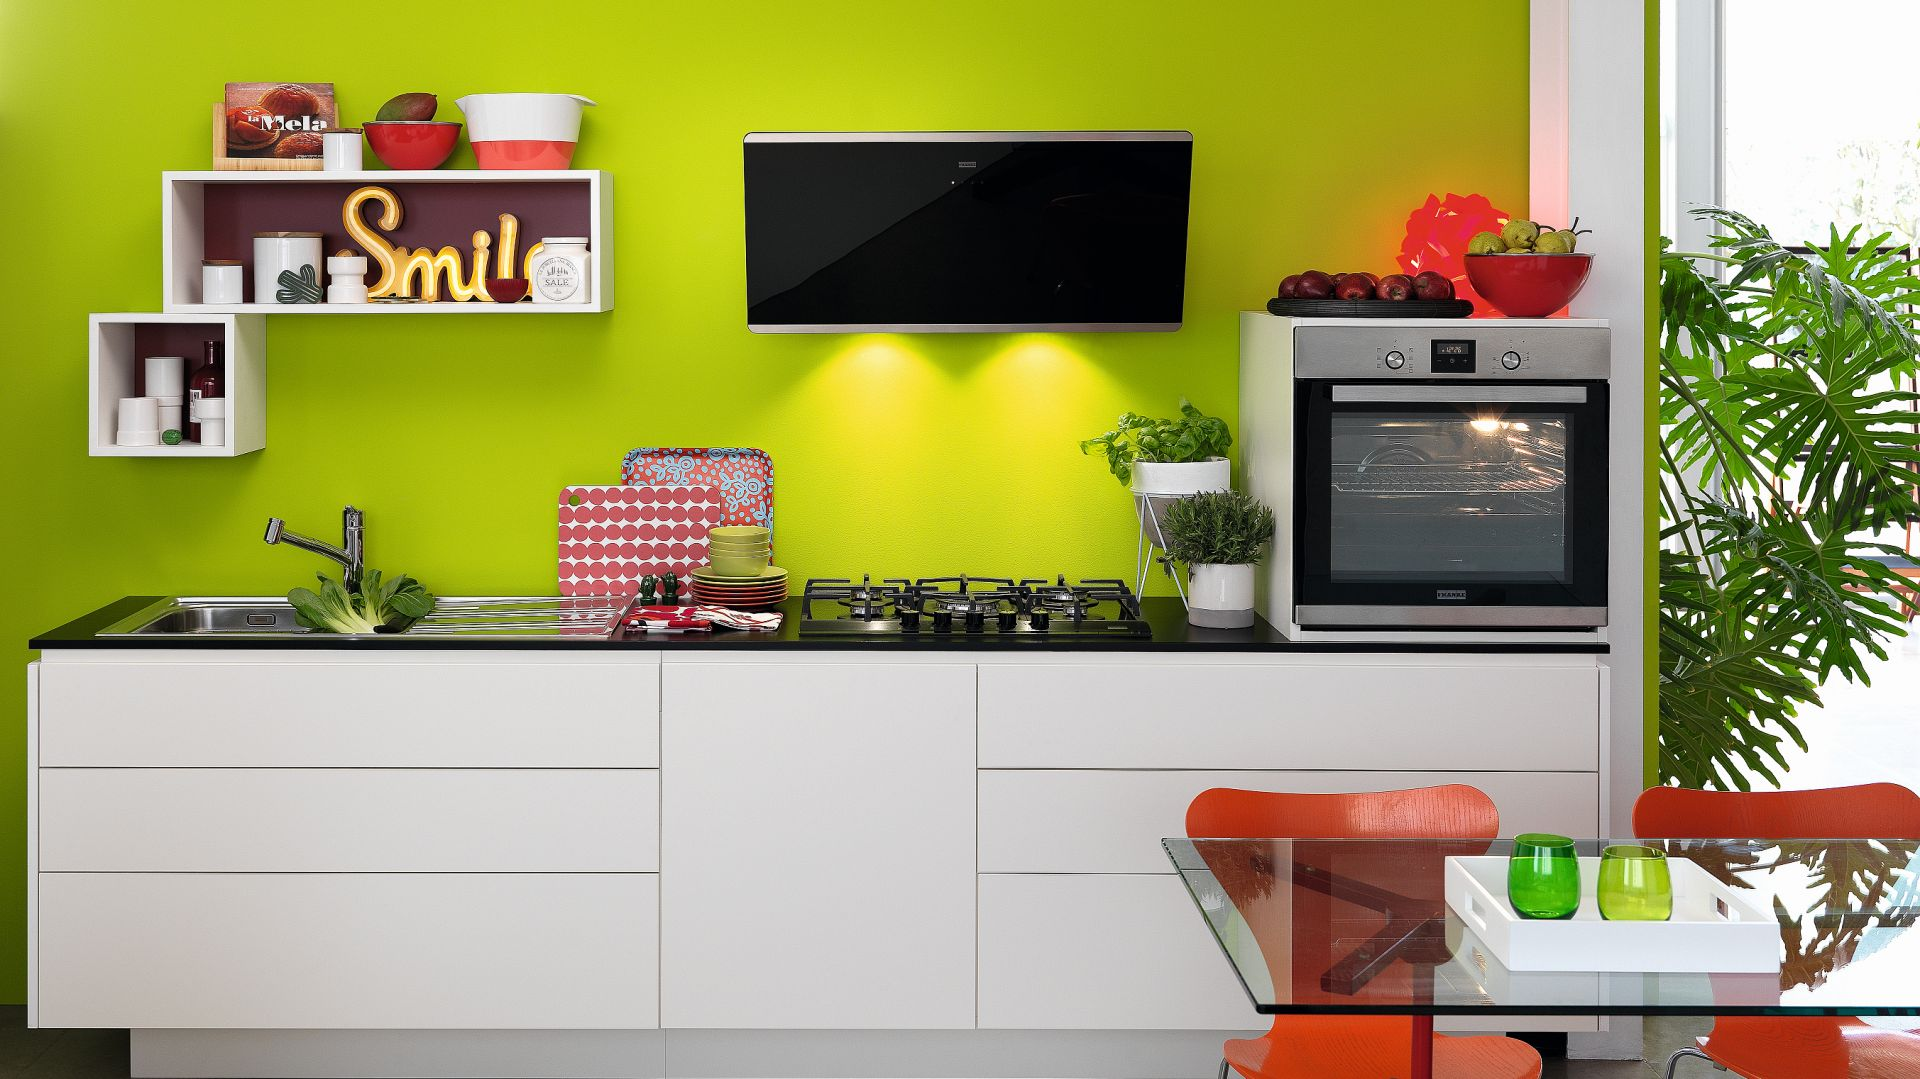 SMART - kompletny system kuchenny, oferujący najwyższą jakość w rozsądnej cenie, nowoczesną funkcjonalność i ponadczasowy design. Fot. Franke